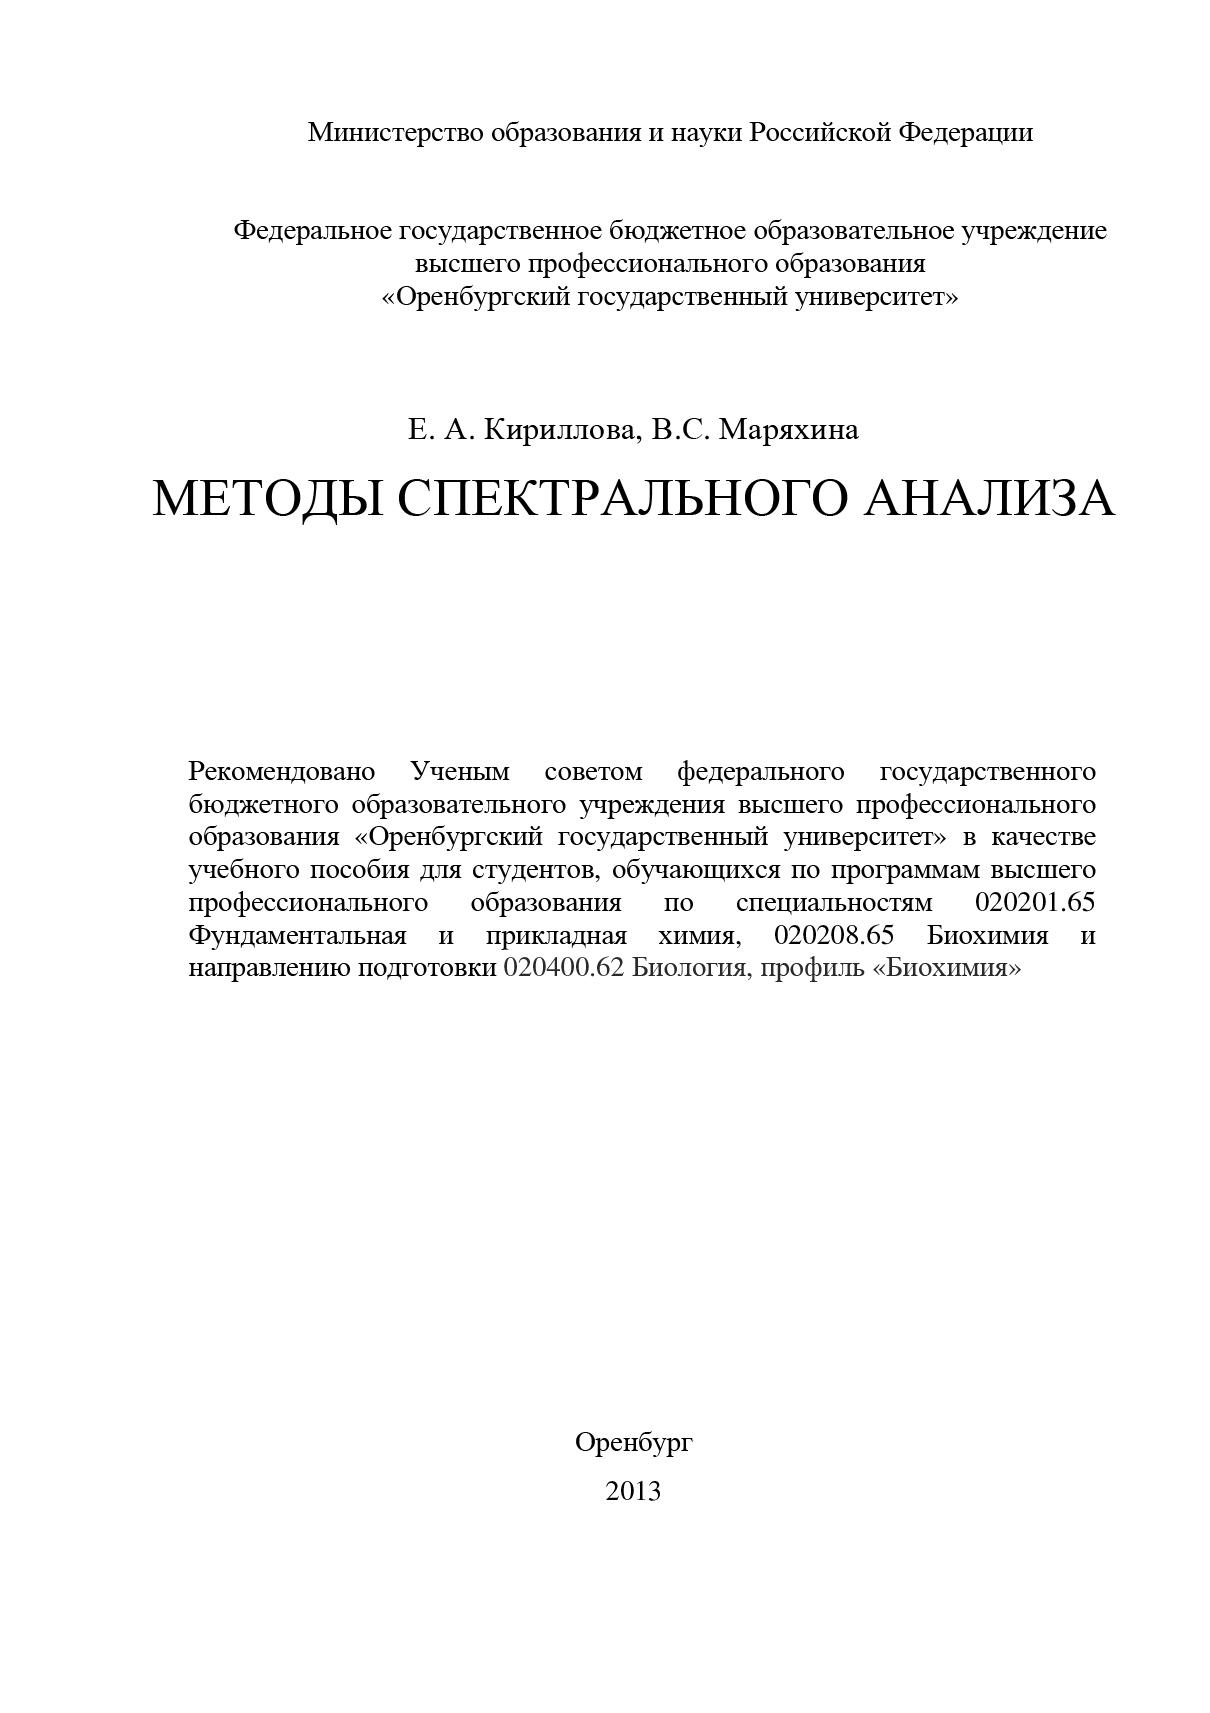 В. С. Маряхина Методы спектрального анализа цены онлайн